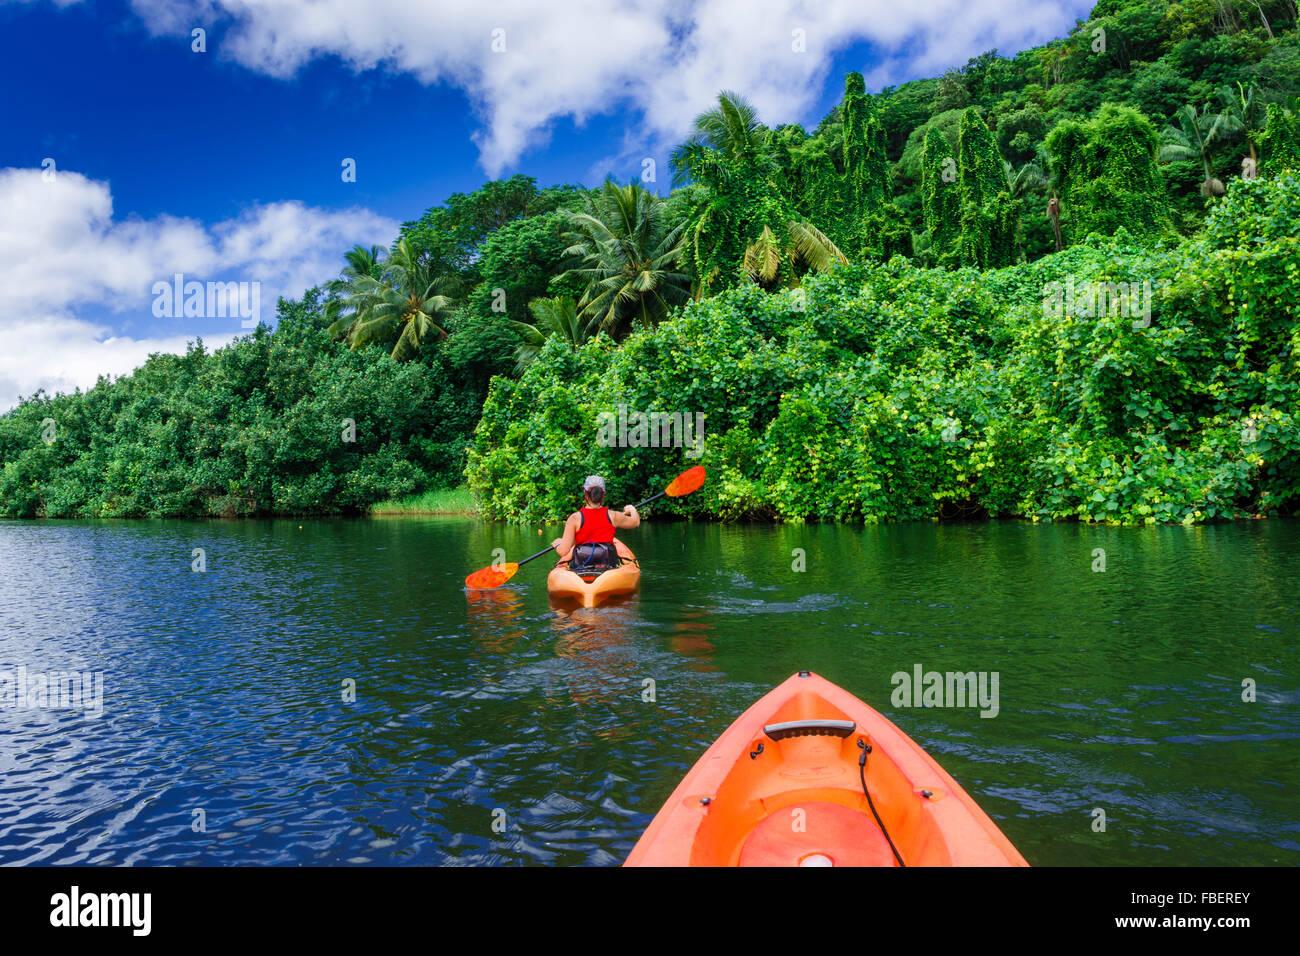 Kayaking on the Hanalei River, Hanalei, Kauai, Hawaii Stock